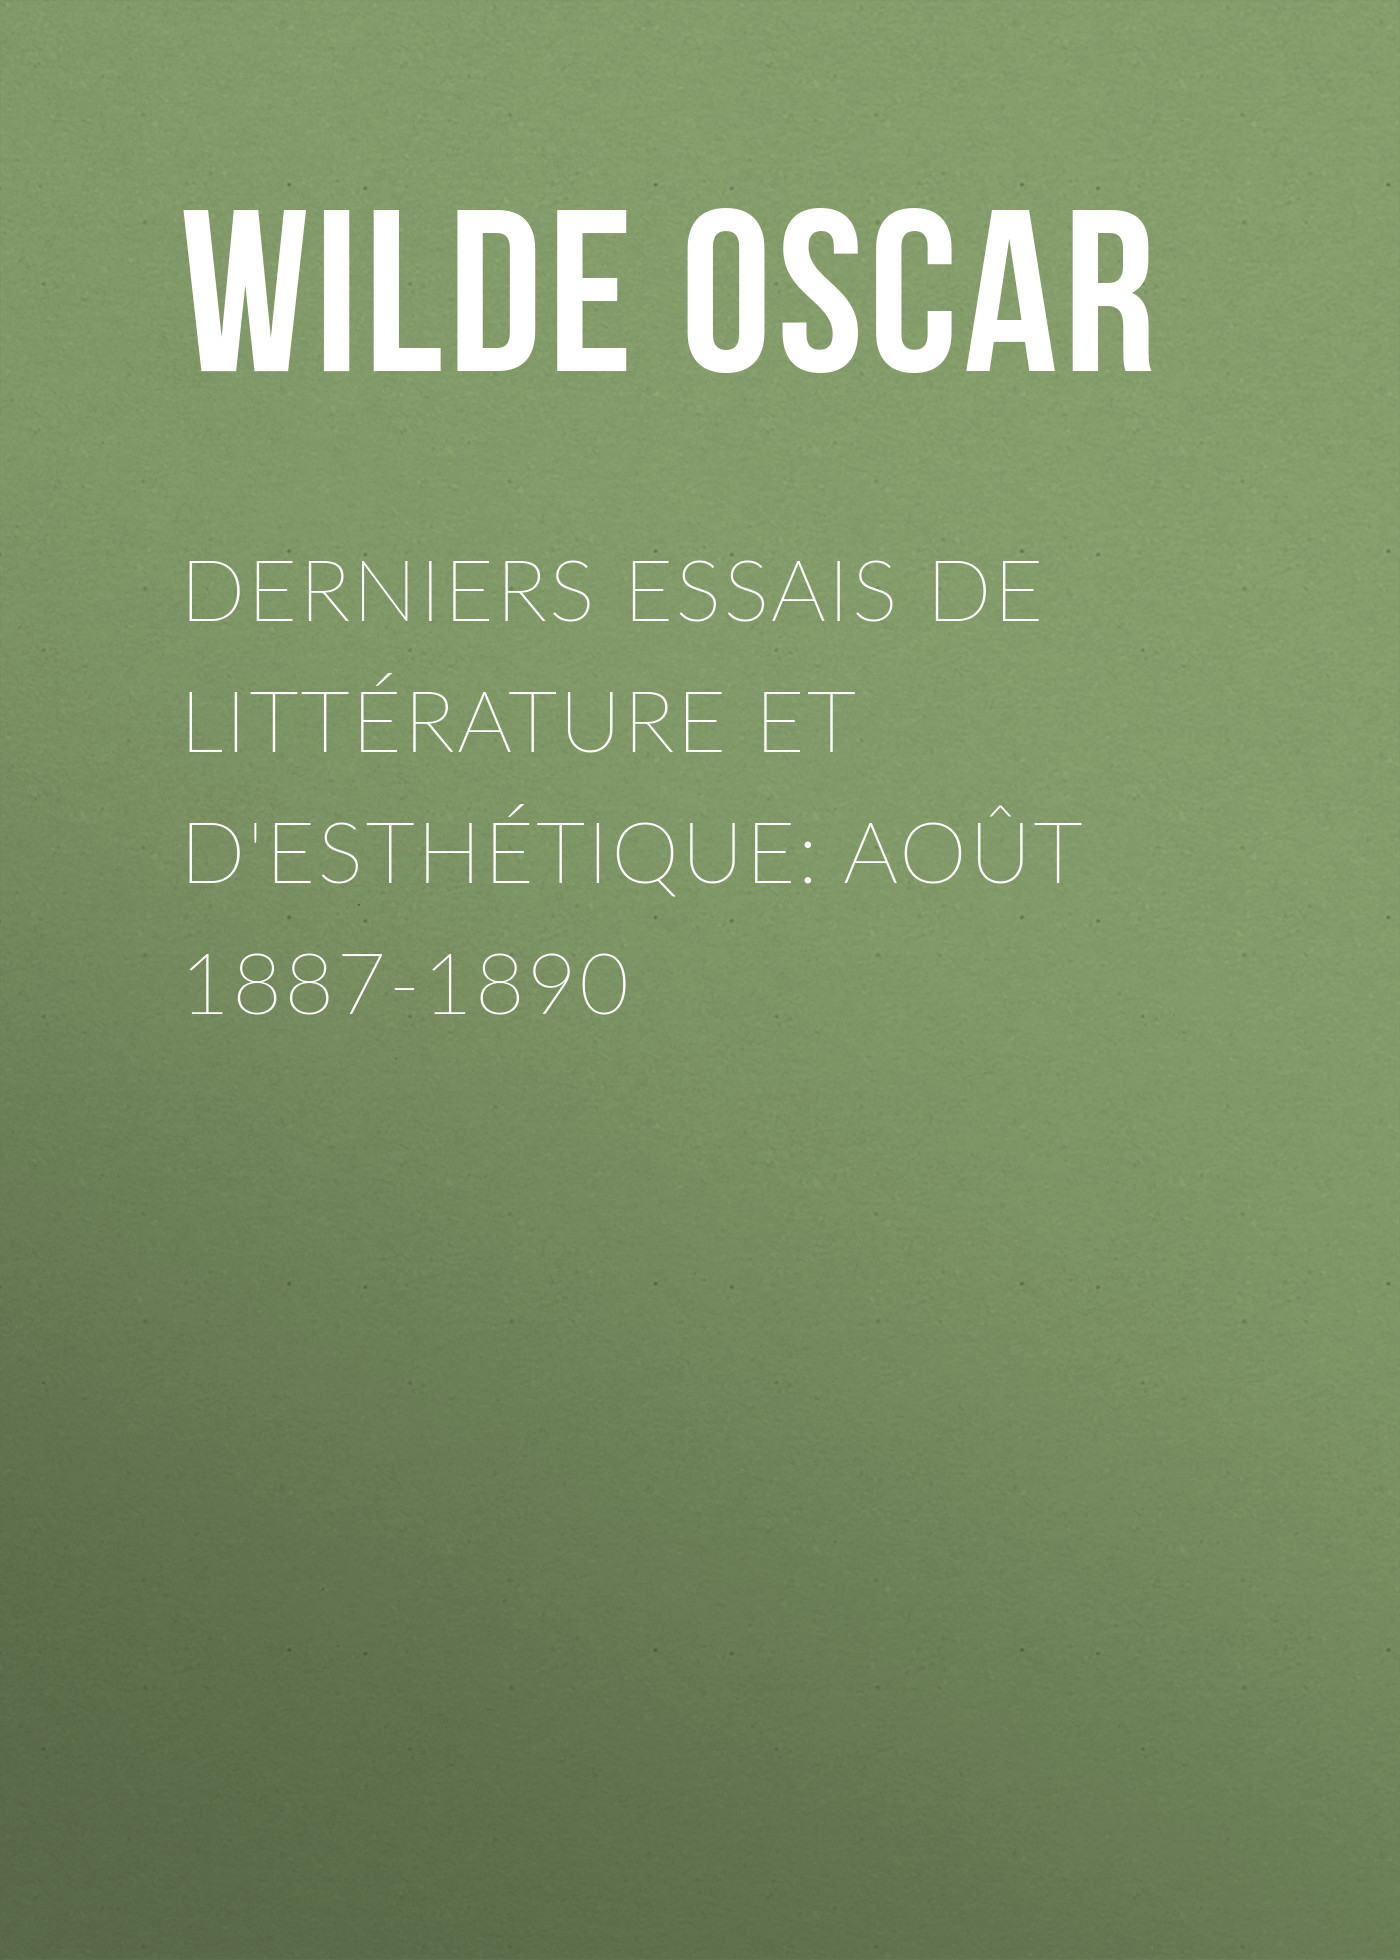 derniers essais de litterature et desthetique aout 1887 1890